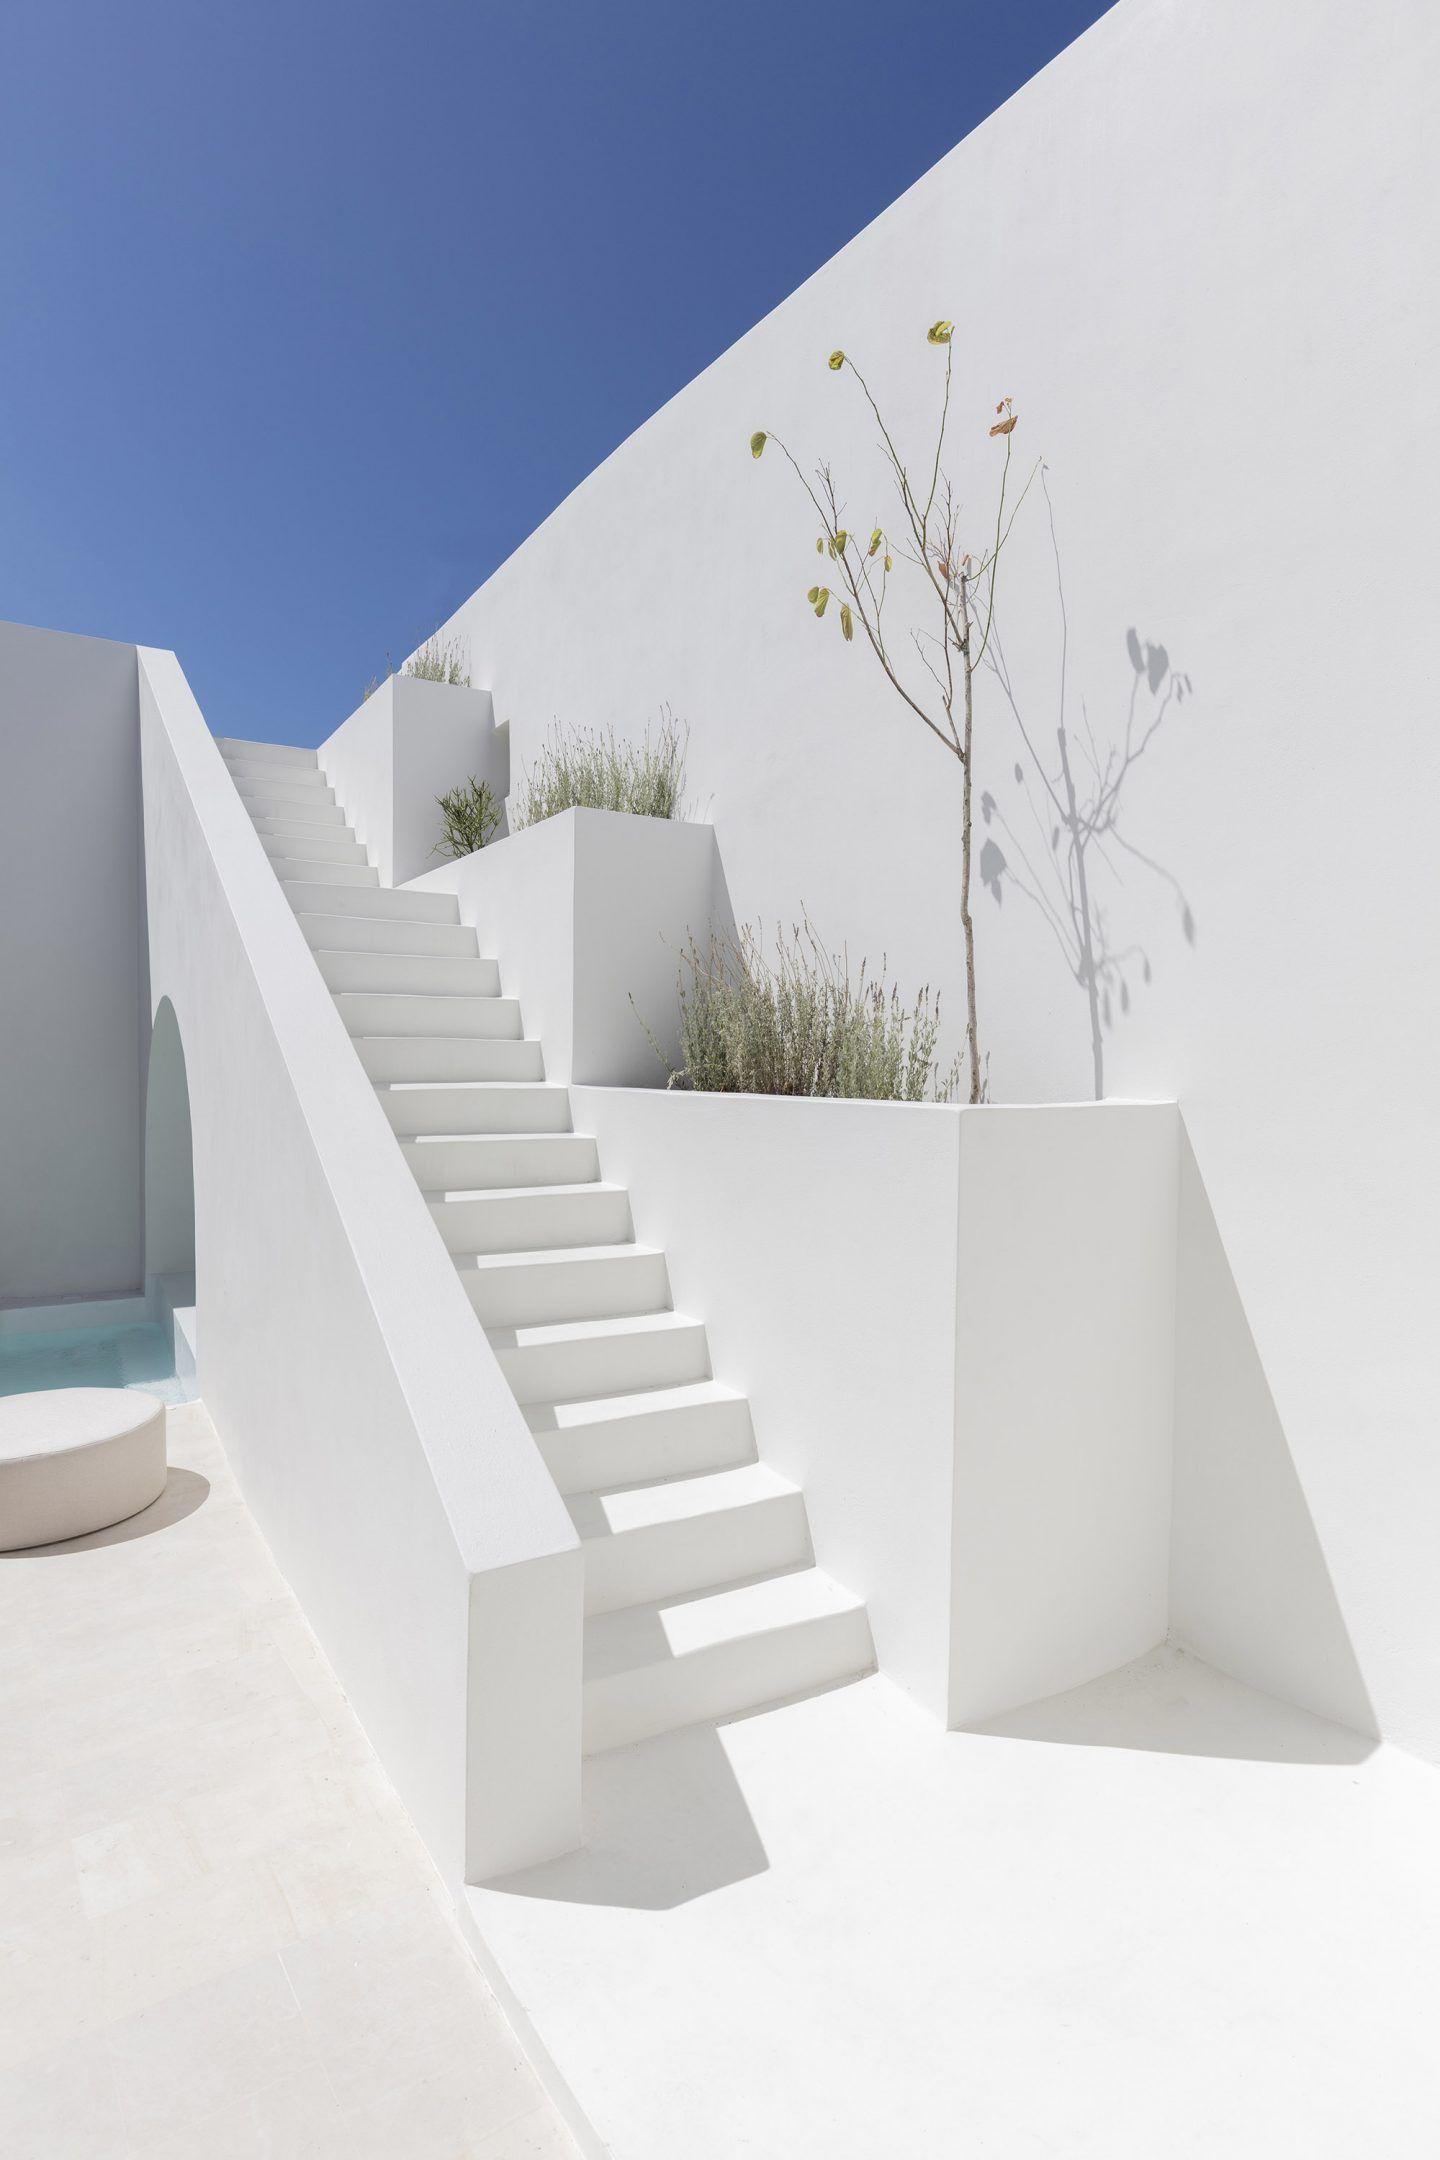 IGNANT-Architecture-Kapsimali-Fira-01